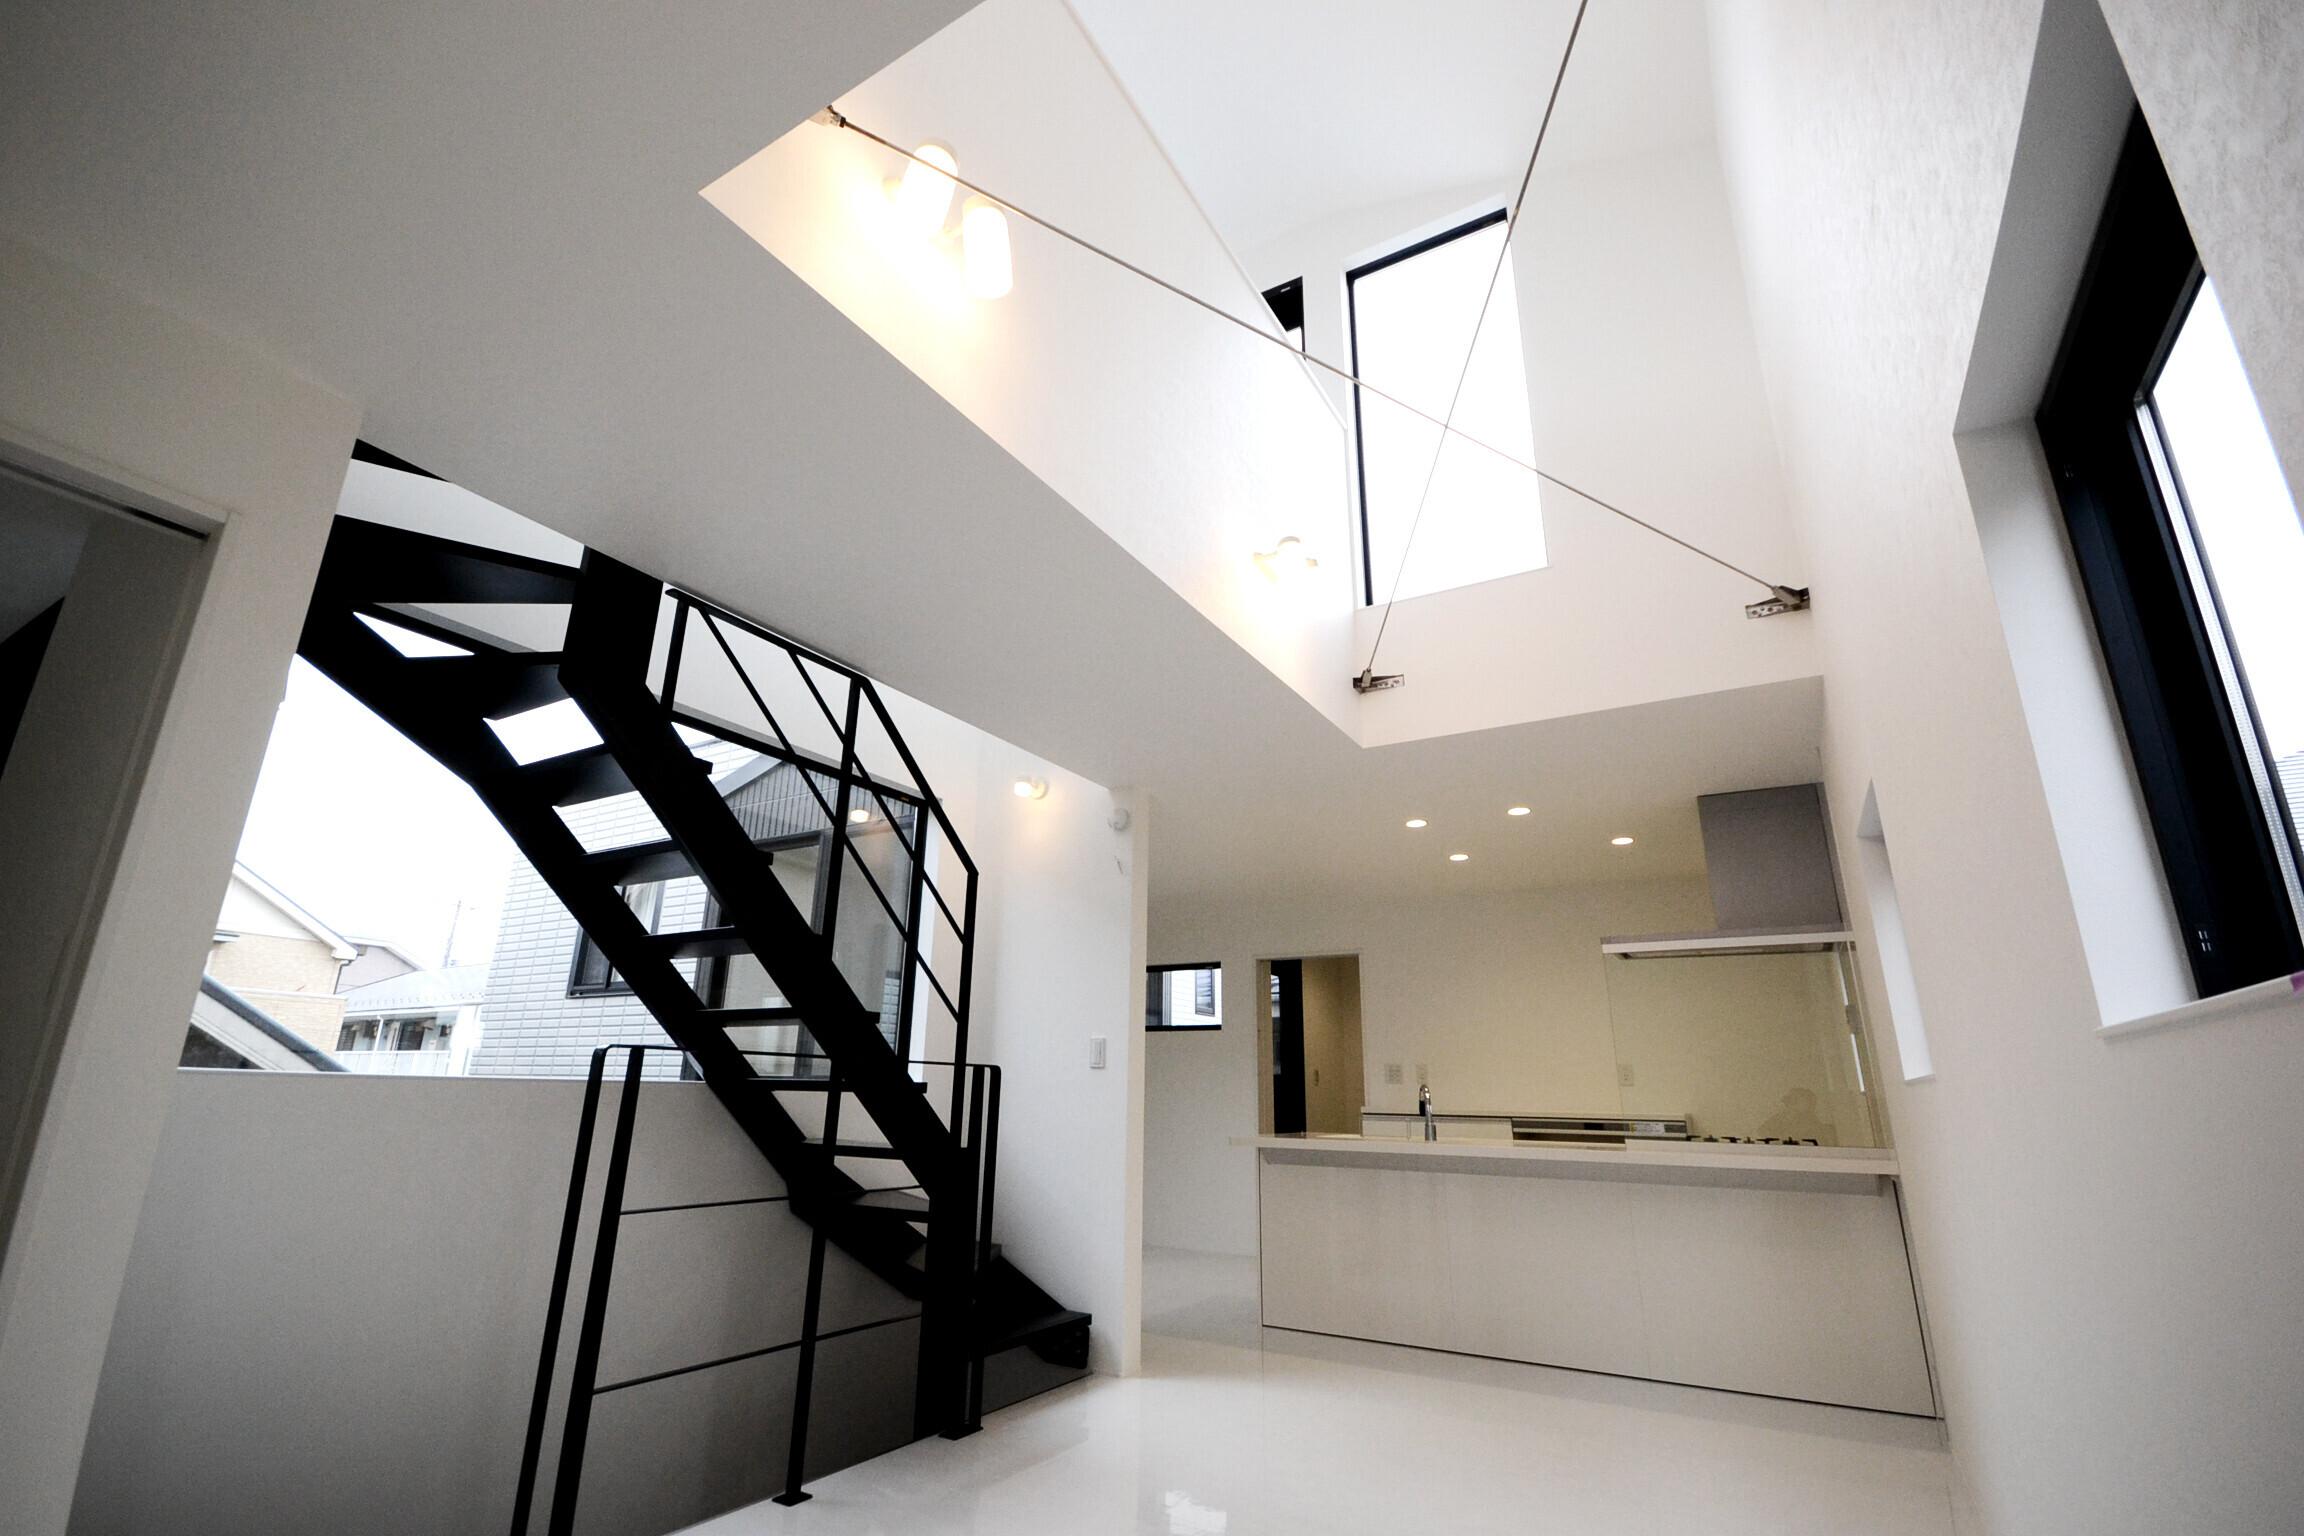 鉄骨階段×吹き抜け×風と光がめぐる家(二世帯)の建築事例写真